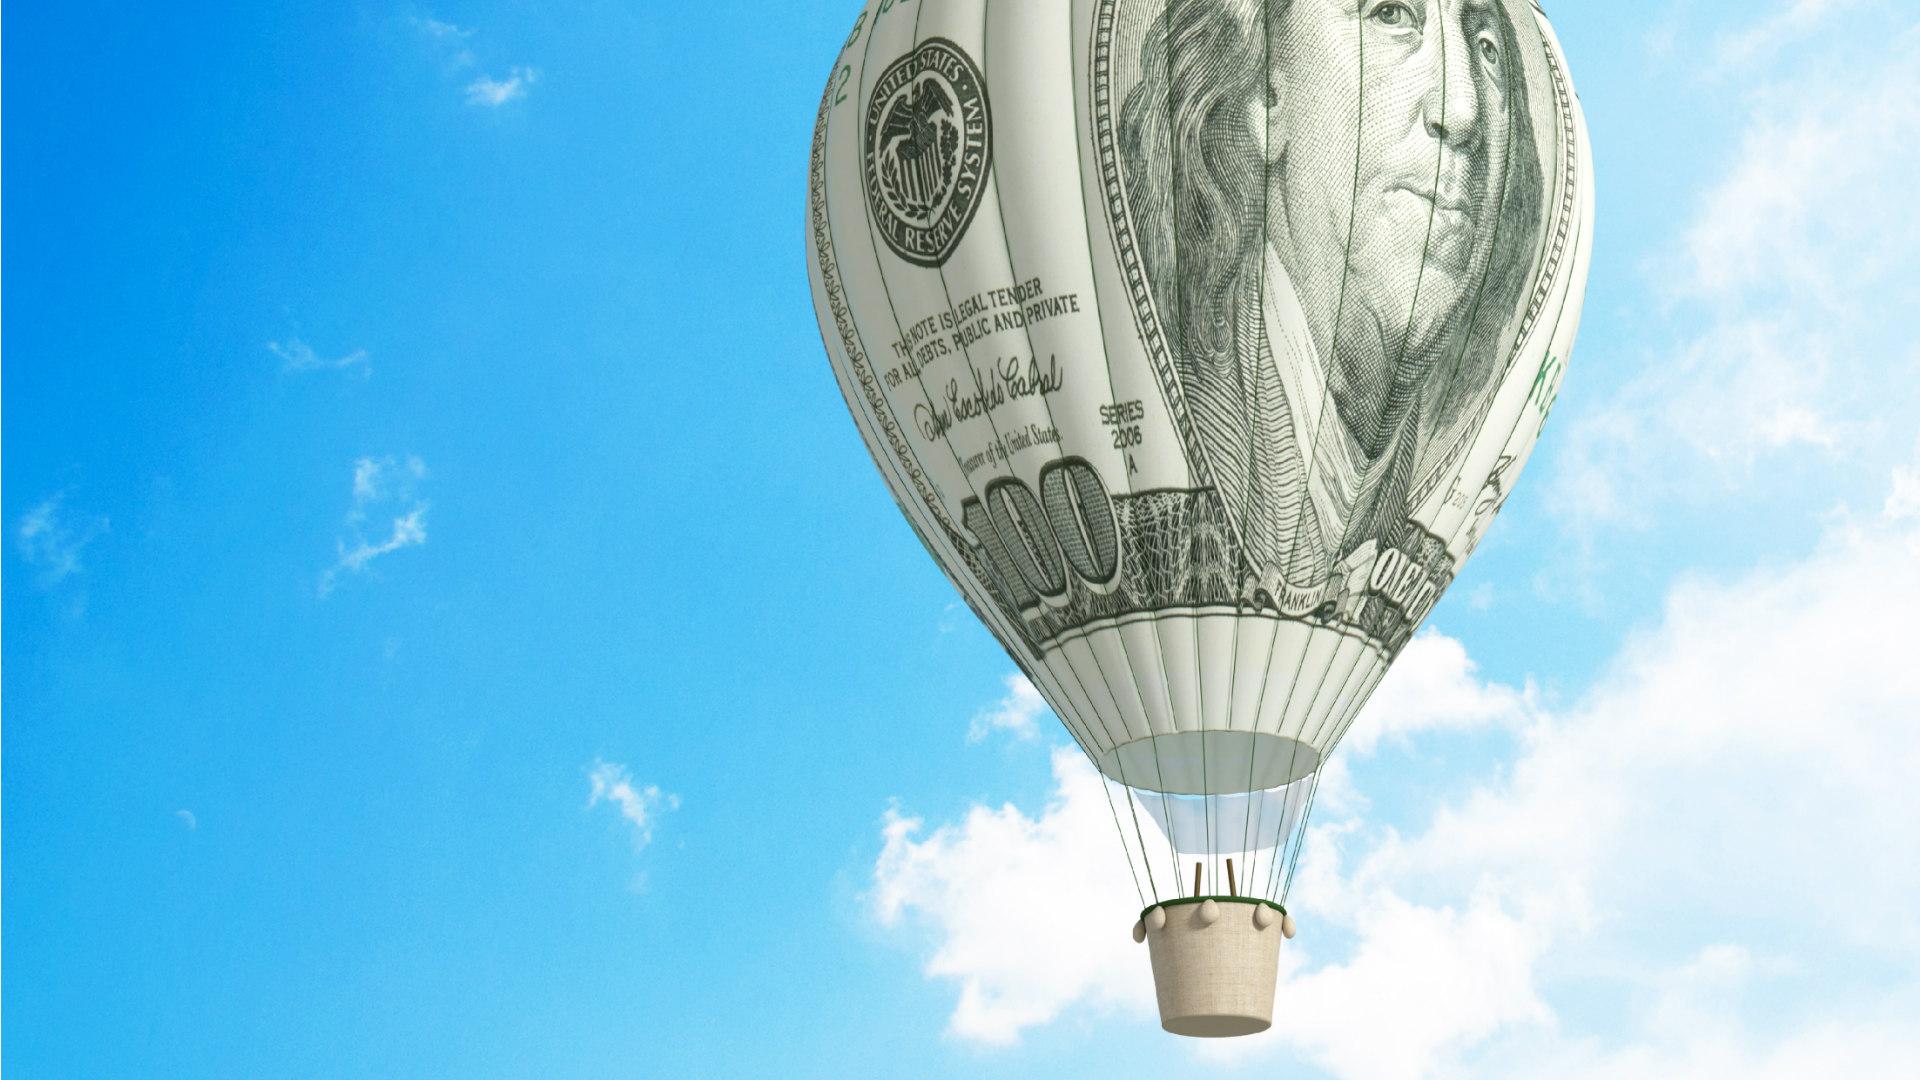 Dólar balão